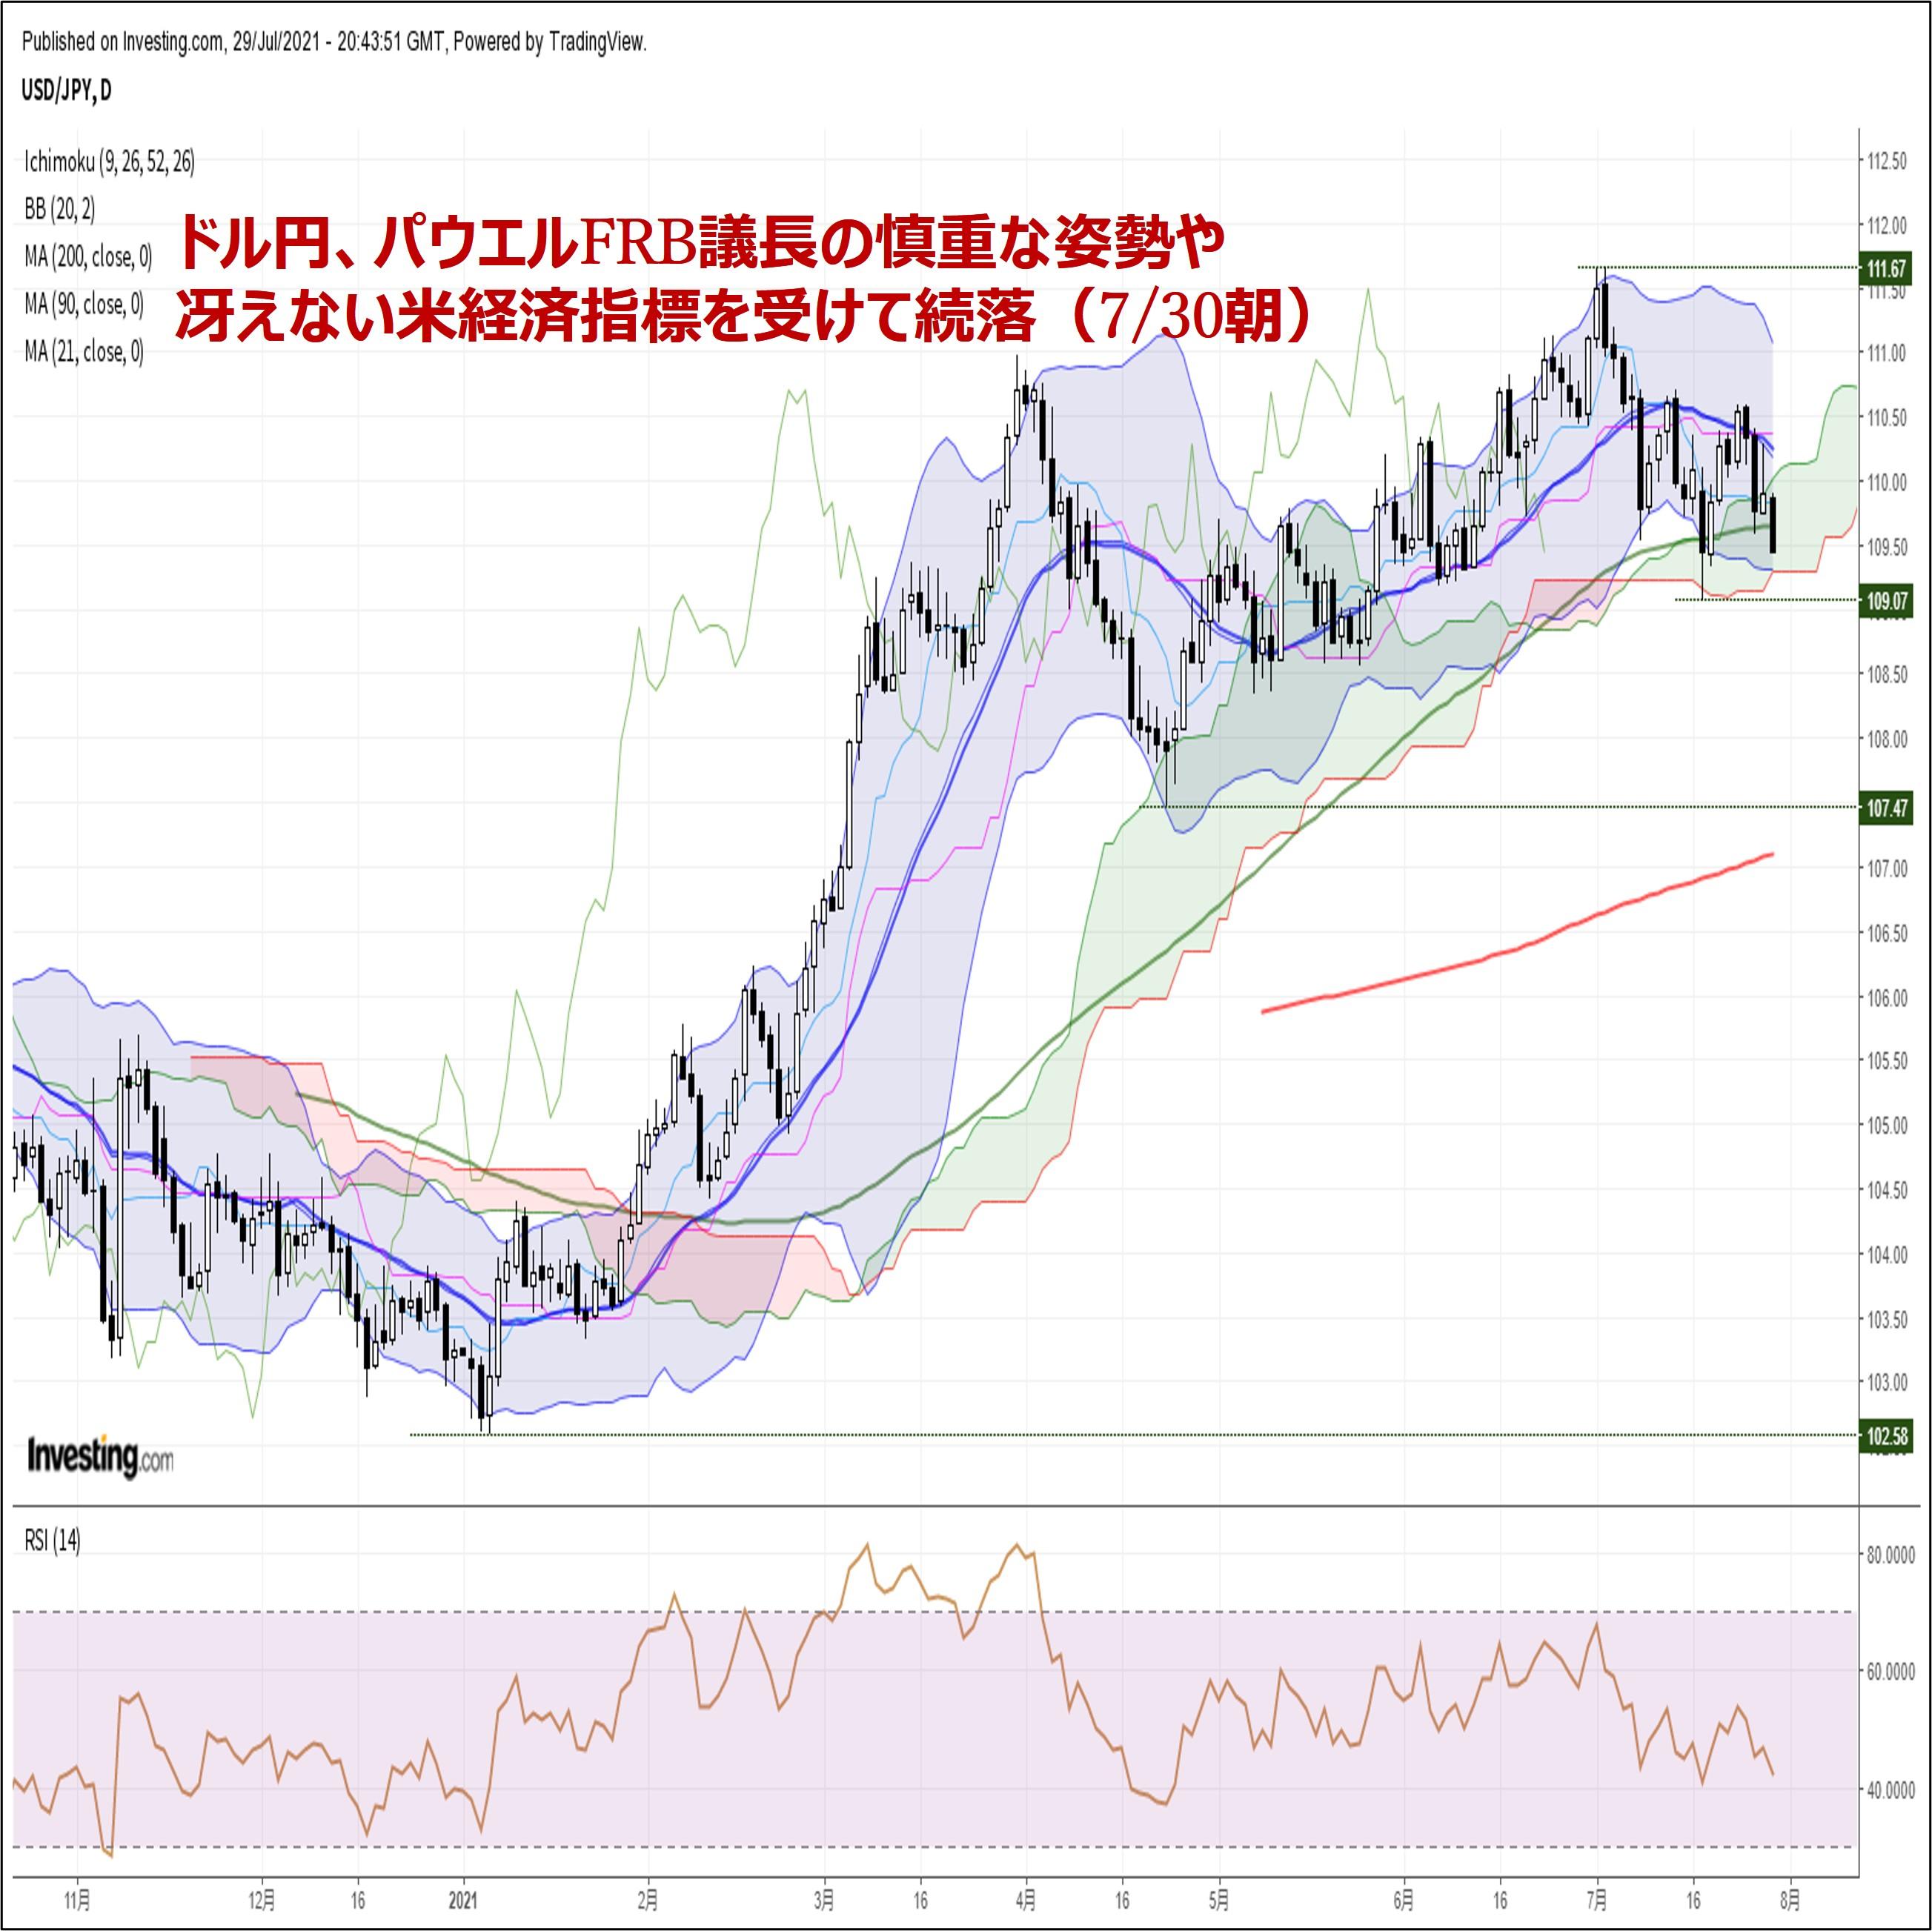 ドル円、パウエルFRB議長の慎重な姿勢や冴えない米経済指標を受けて続落(7/30朝)